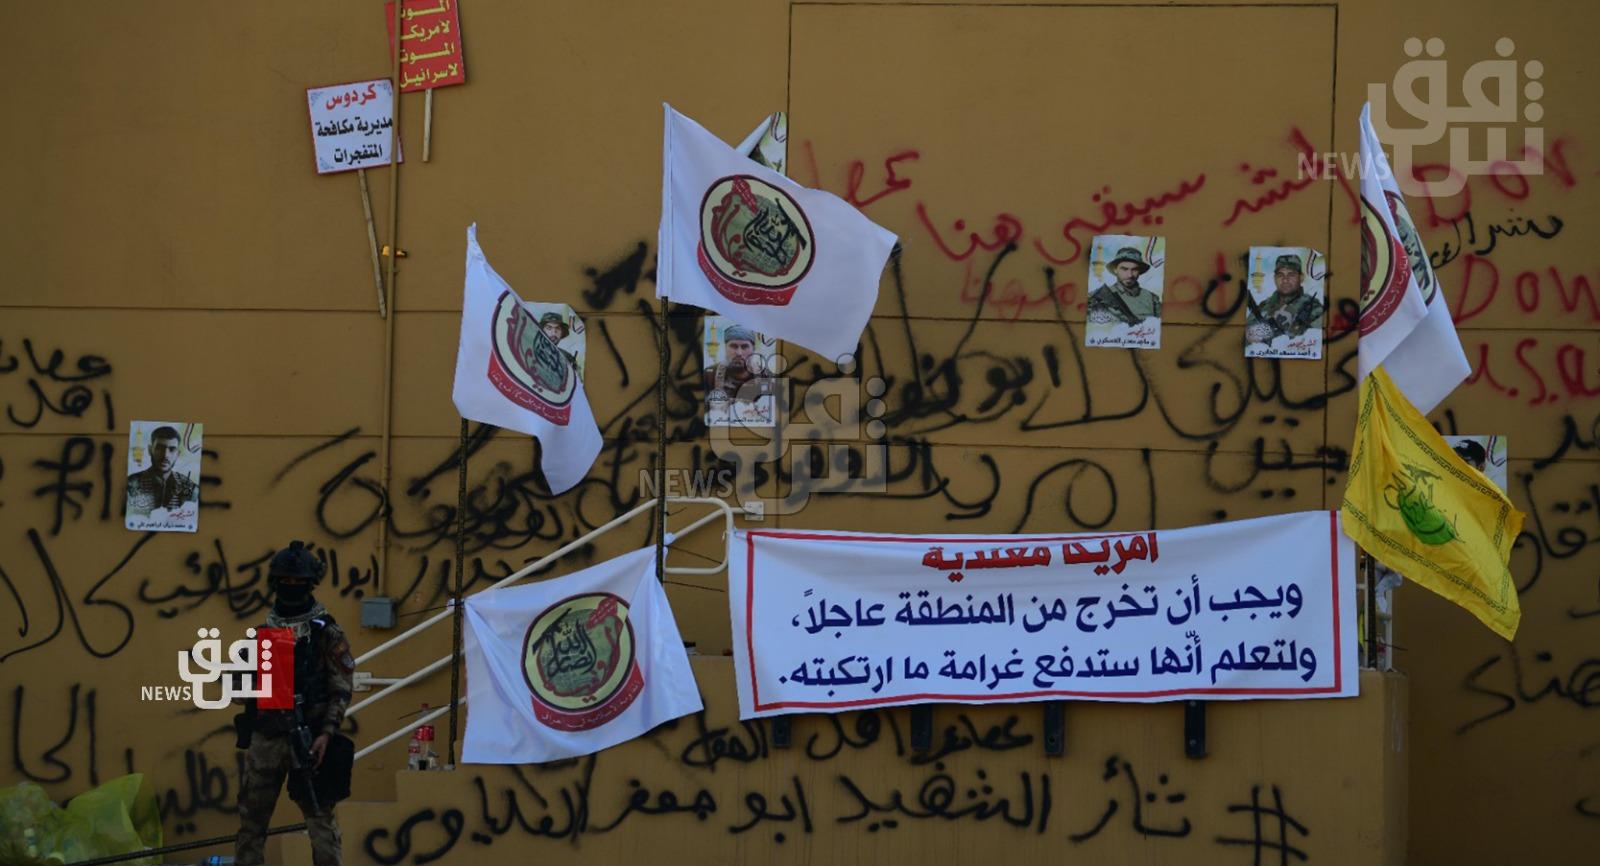 """""""تنسيقية المقاومة"""" تؤكد استمرار النشاط العسكري ضد القوات الأمريكية: لا هدنة مع المحتل"""